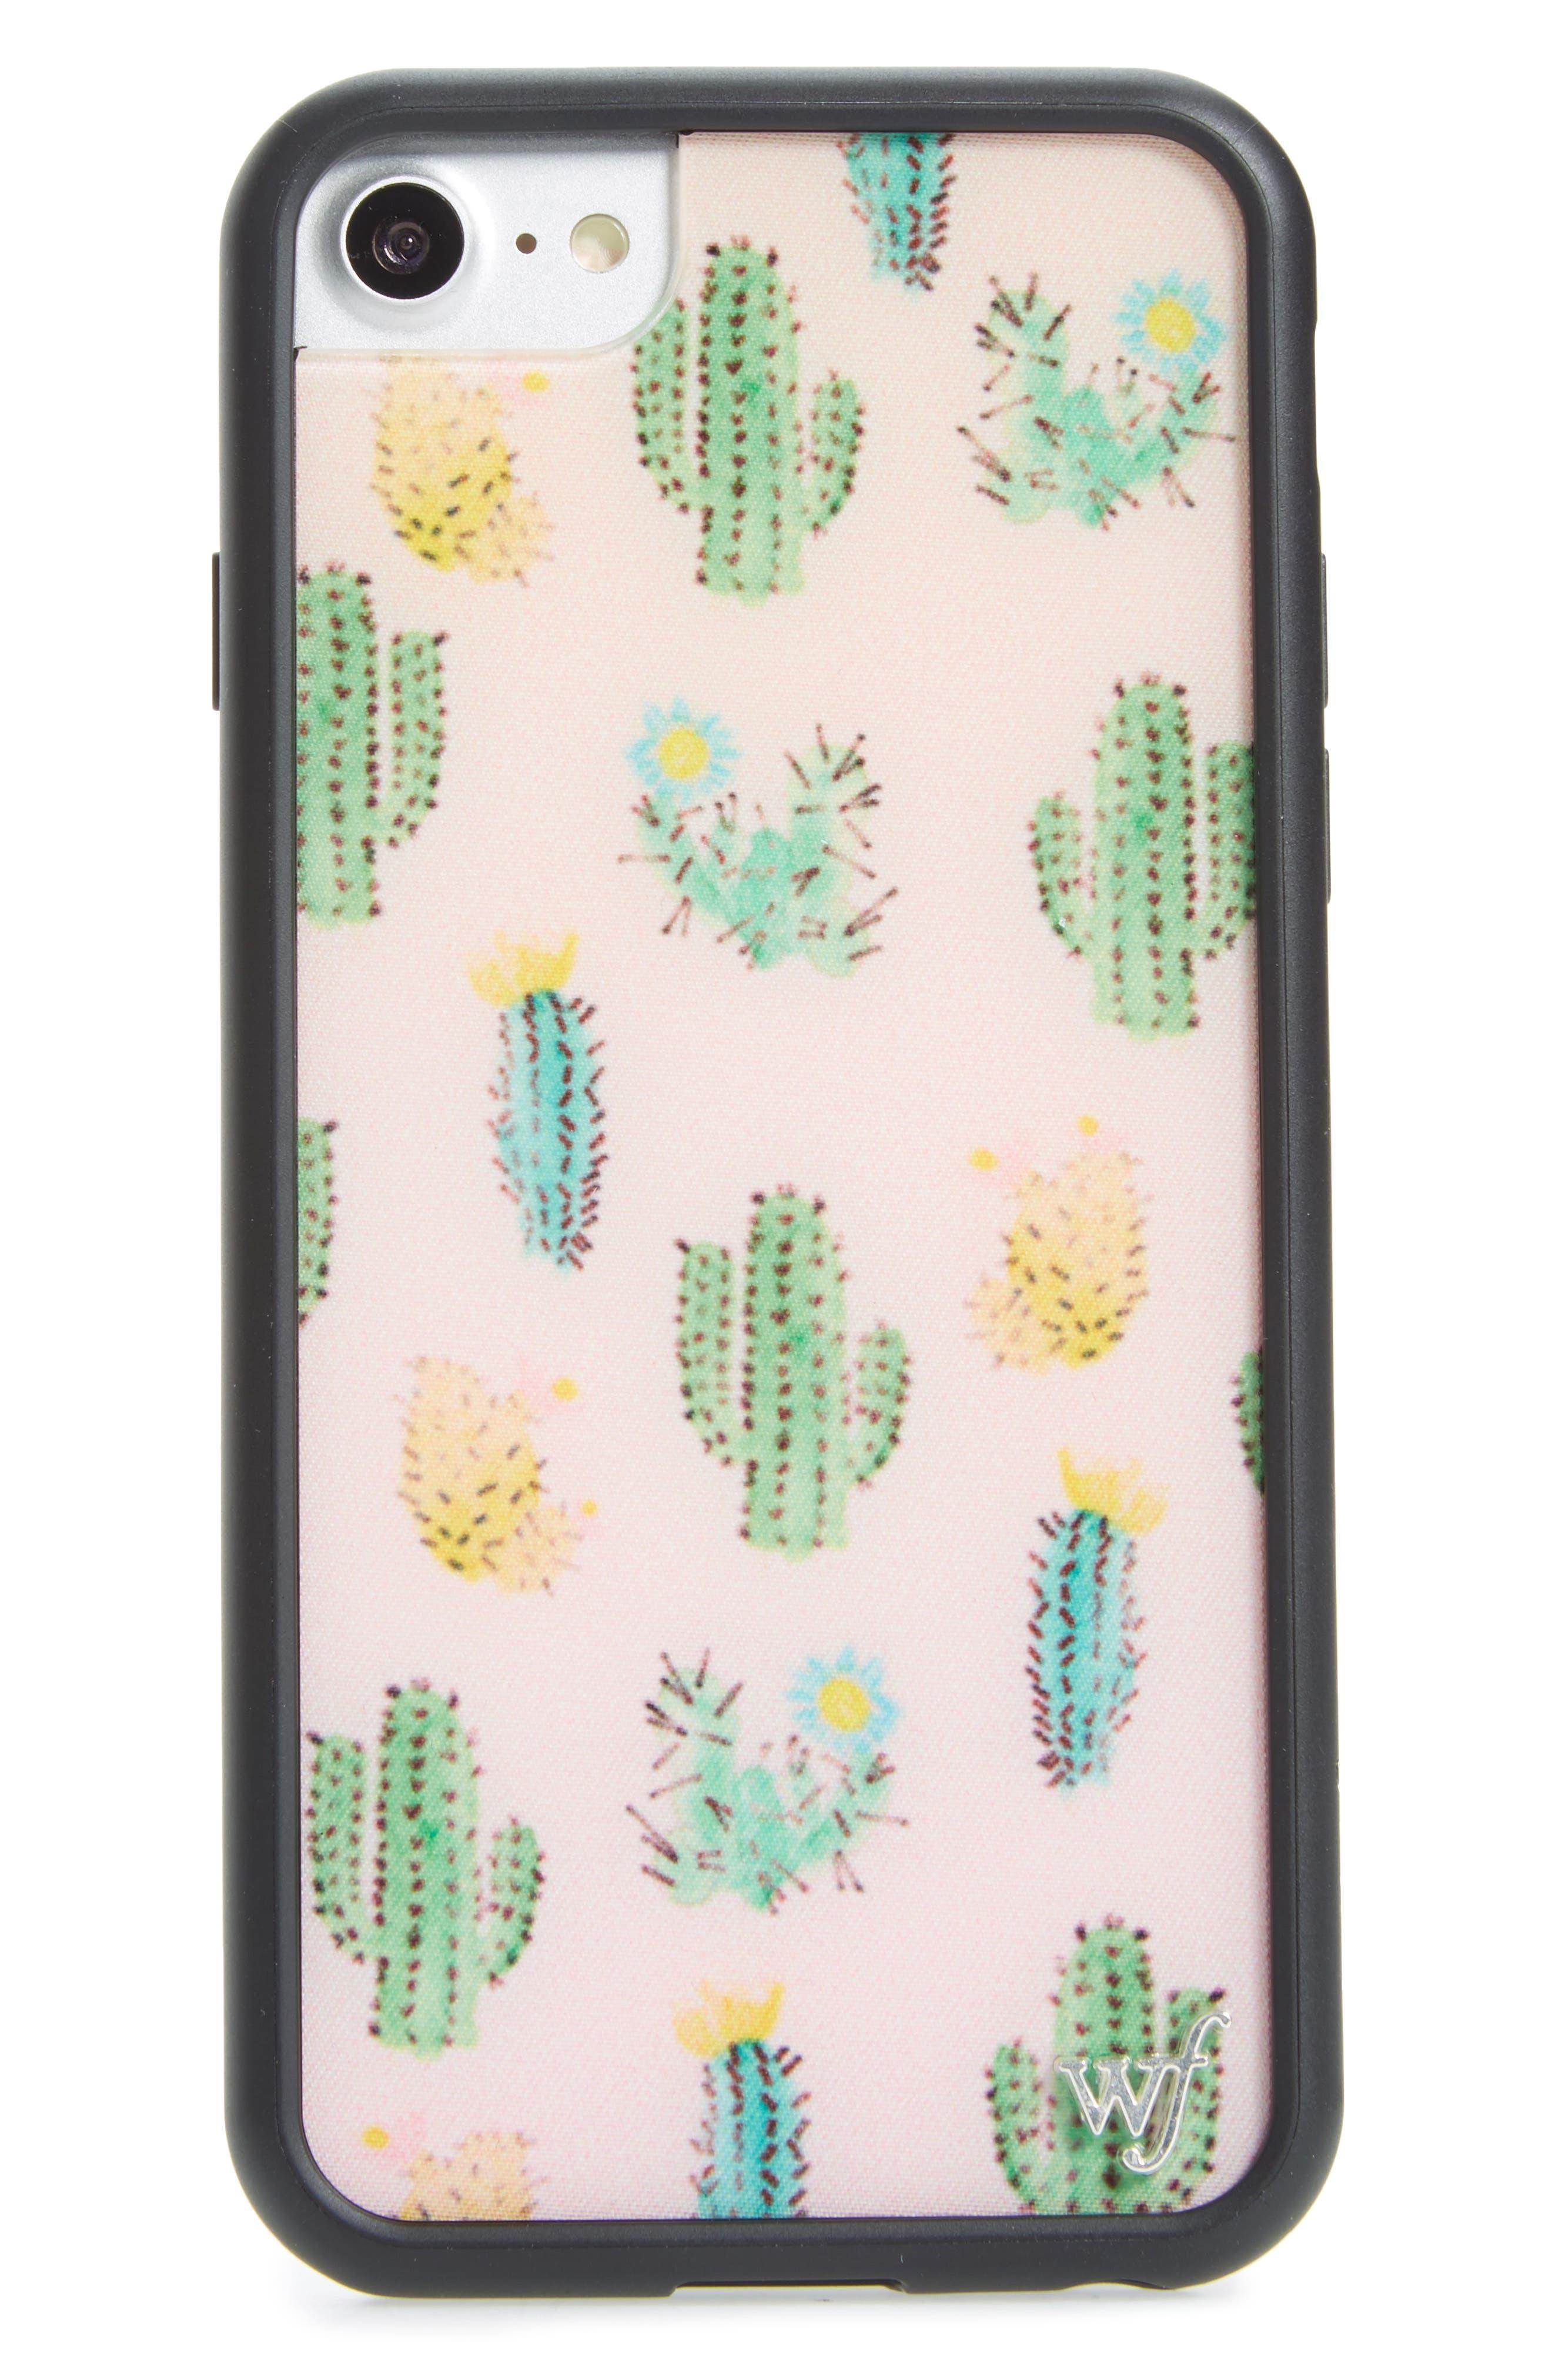 Wildflower Cactus iPhone 6/6s/7 Case